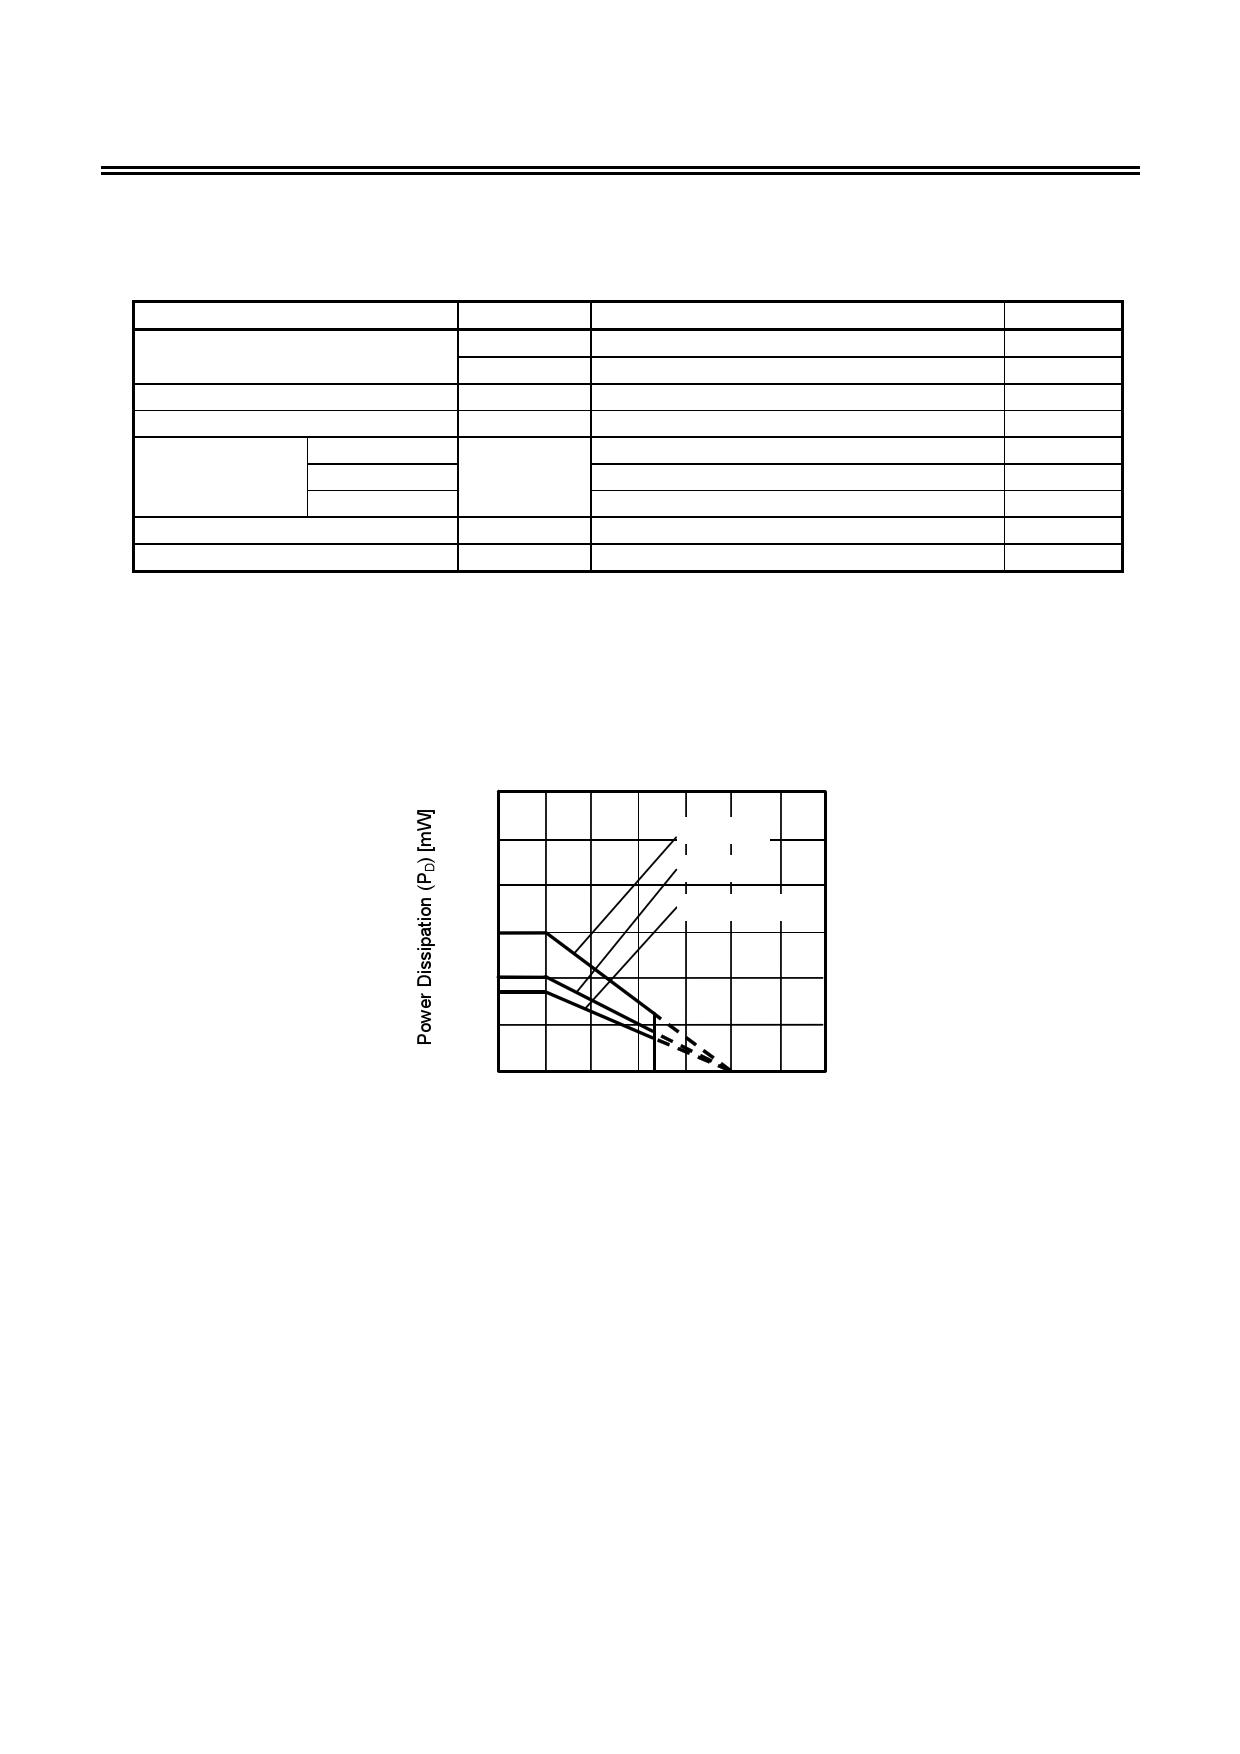 S-13R1 arduino